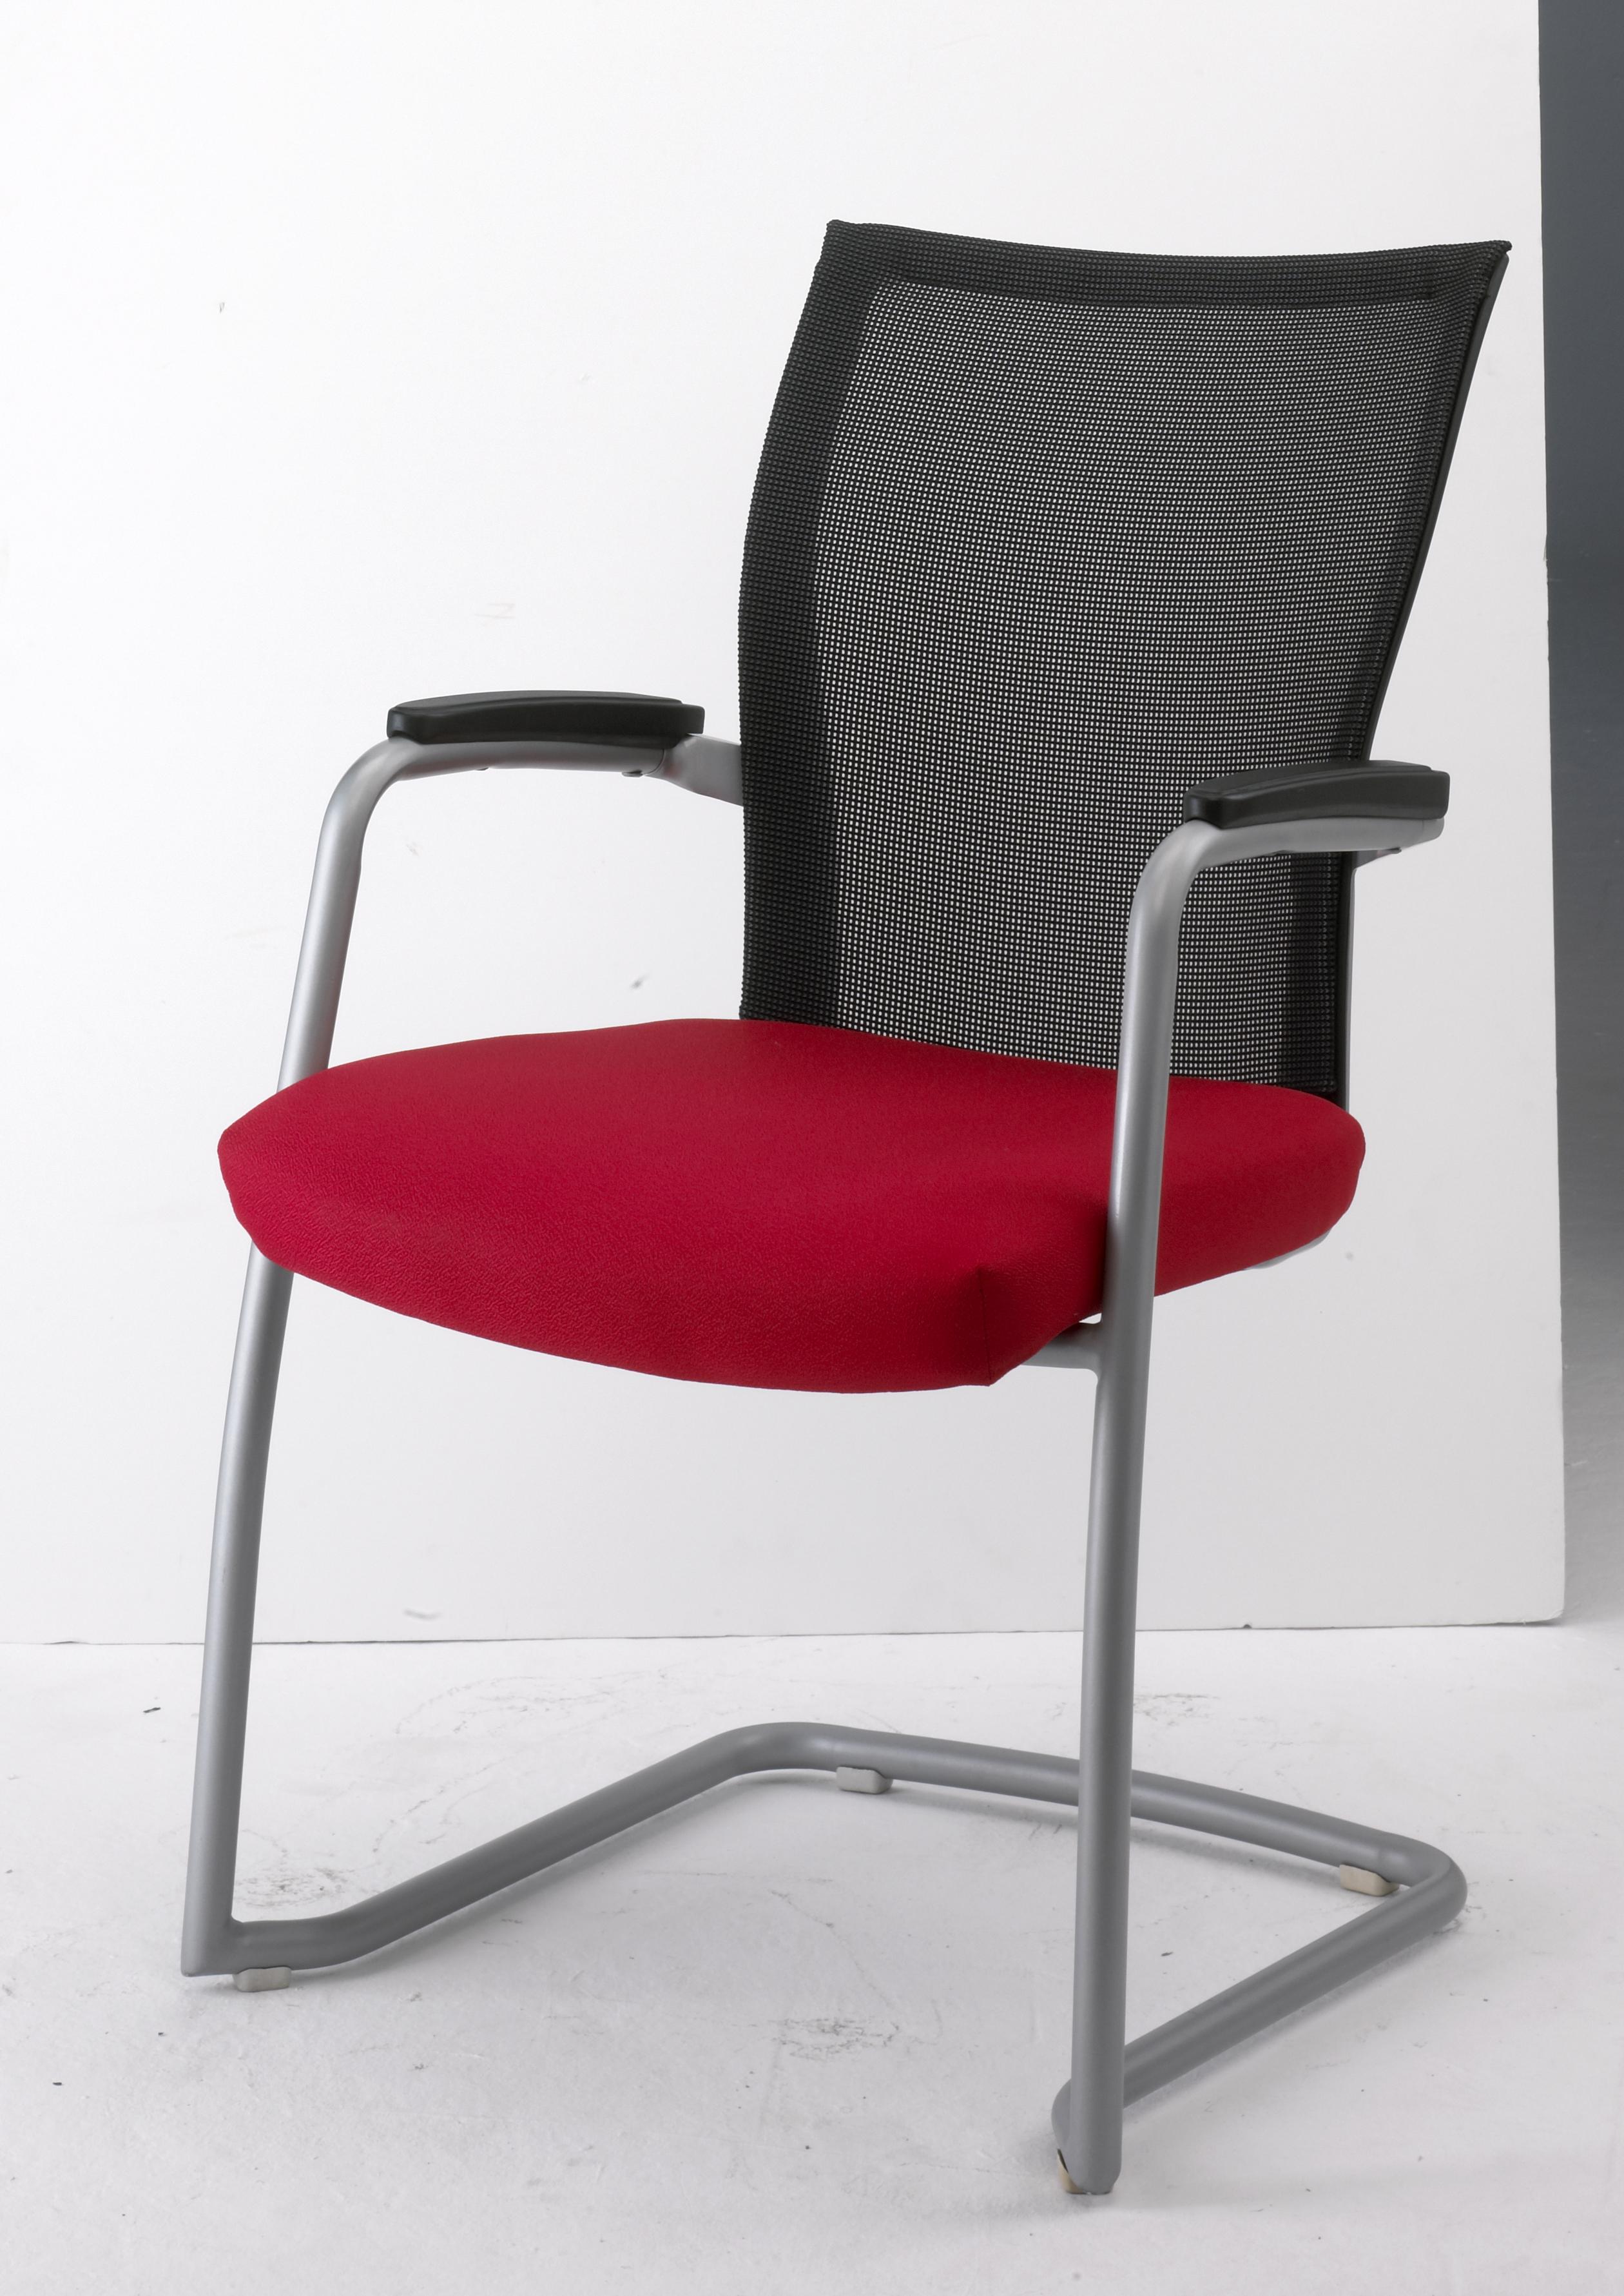 Confi 0 t cnica de oficina for Especificaciones tecnicas de mobiliario de oficina